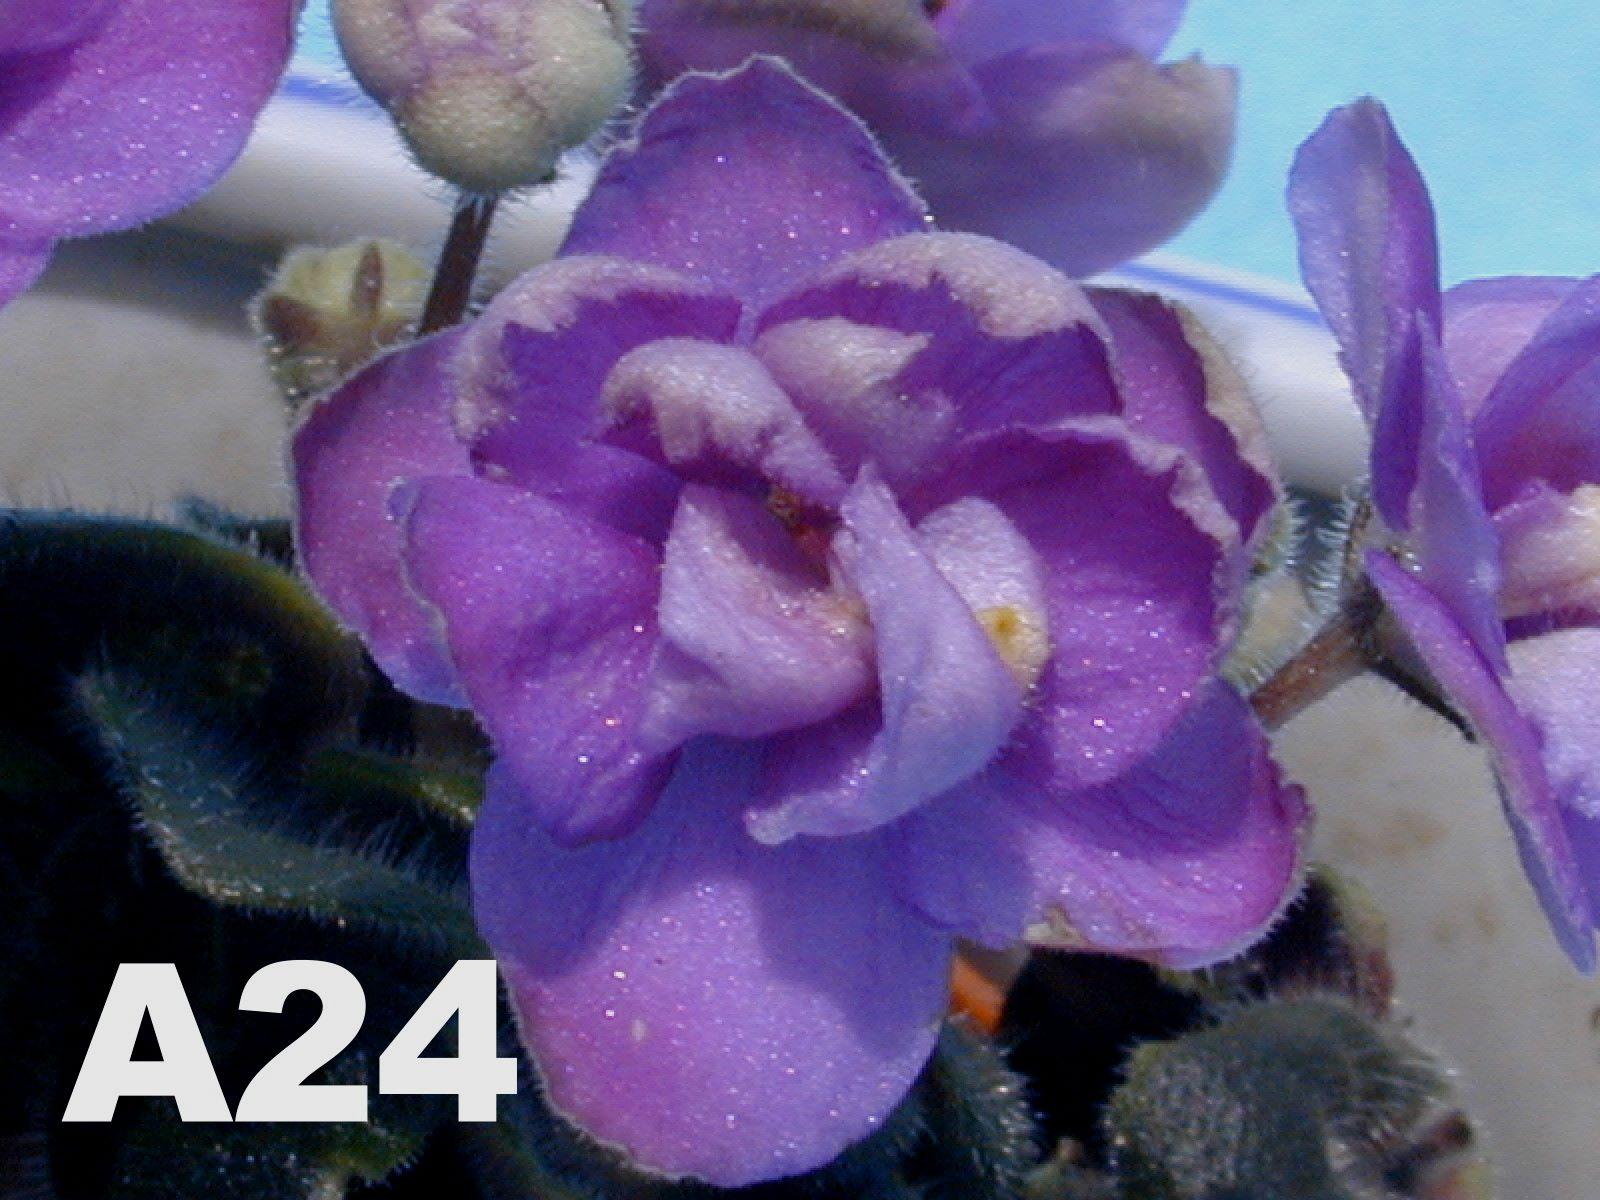 非洲紫羅蘭名錄 | African Violets Catalogue - A系列 A24